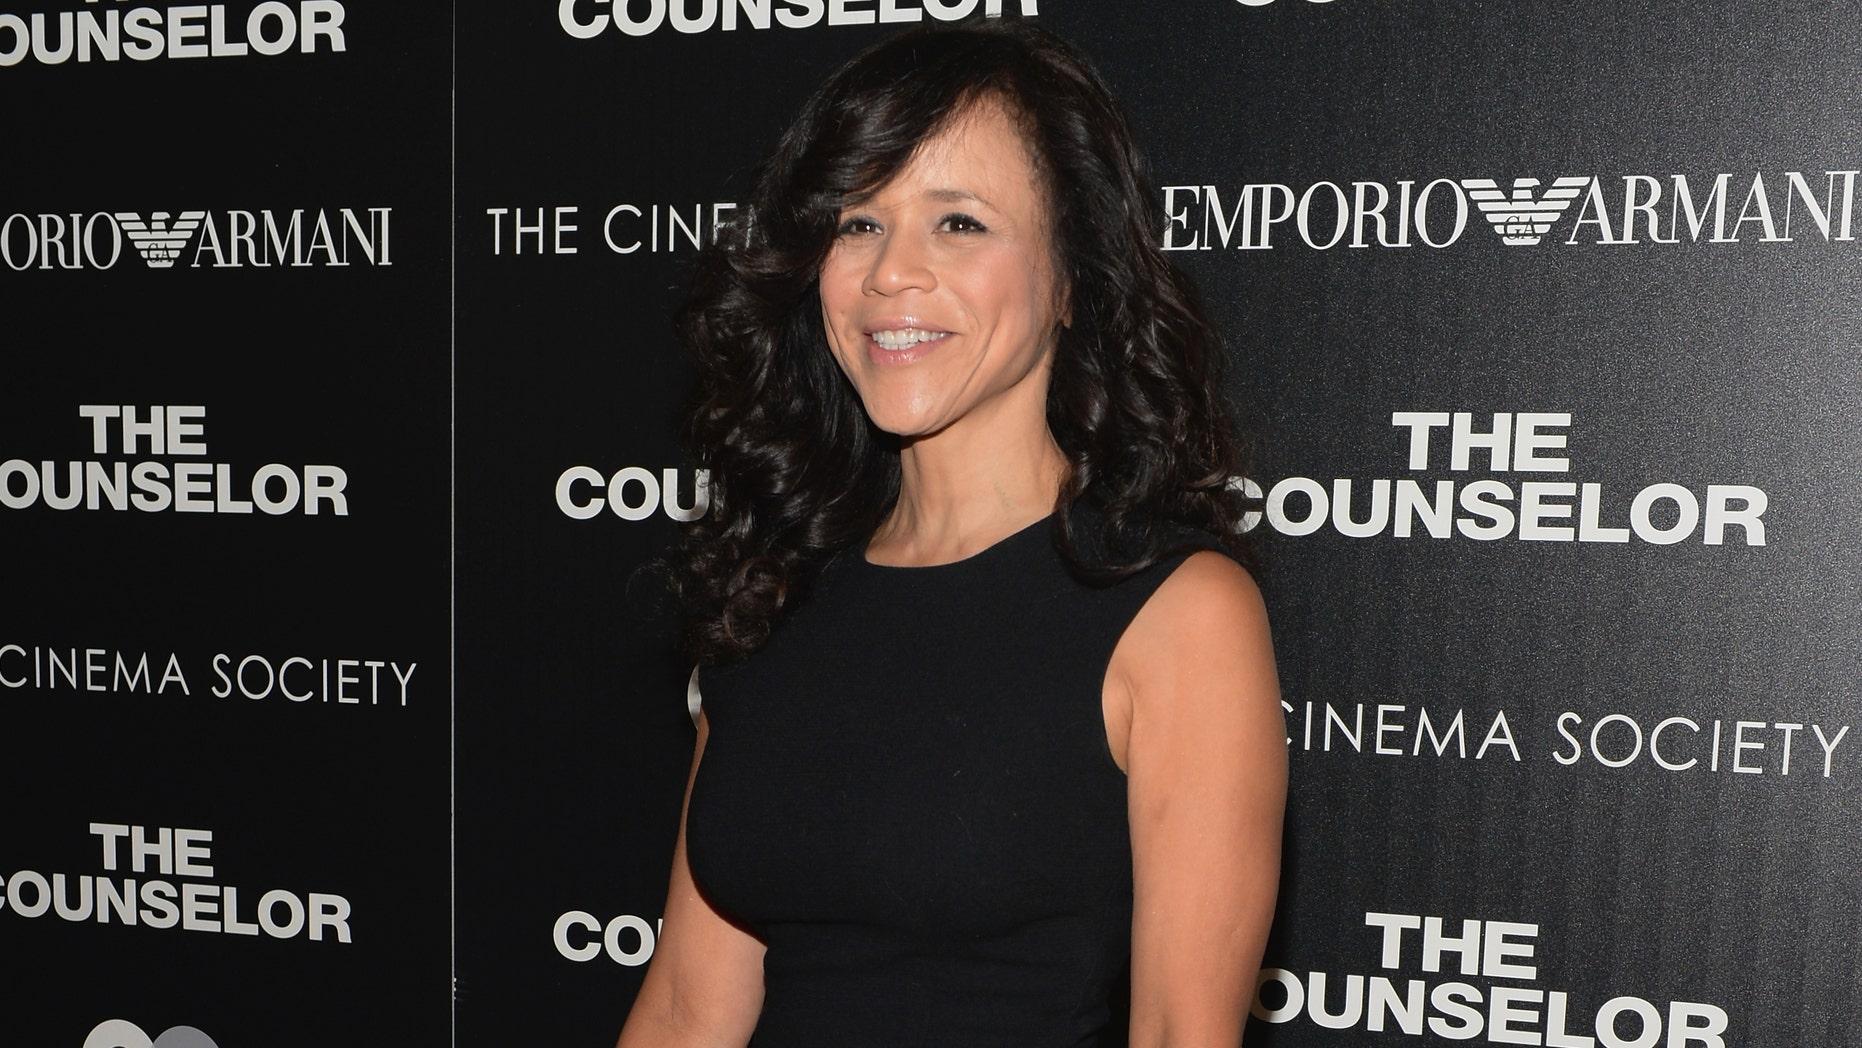 Rosie Perez on October 9, 2013 in New York City.